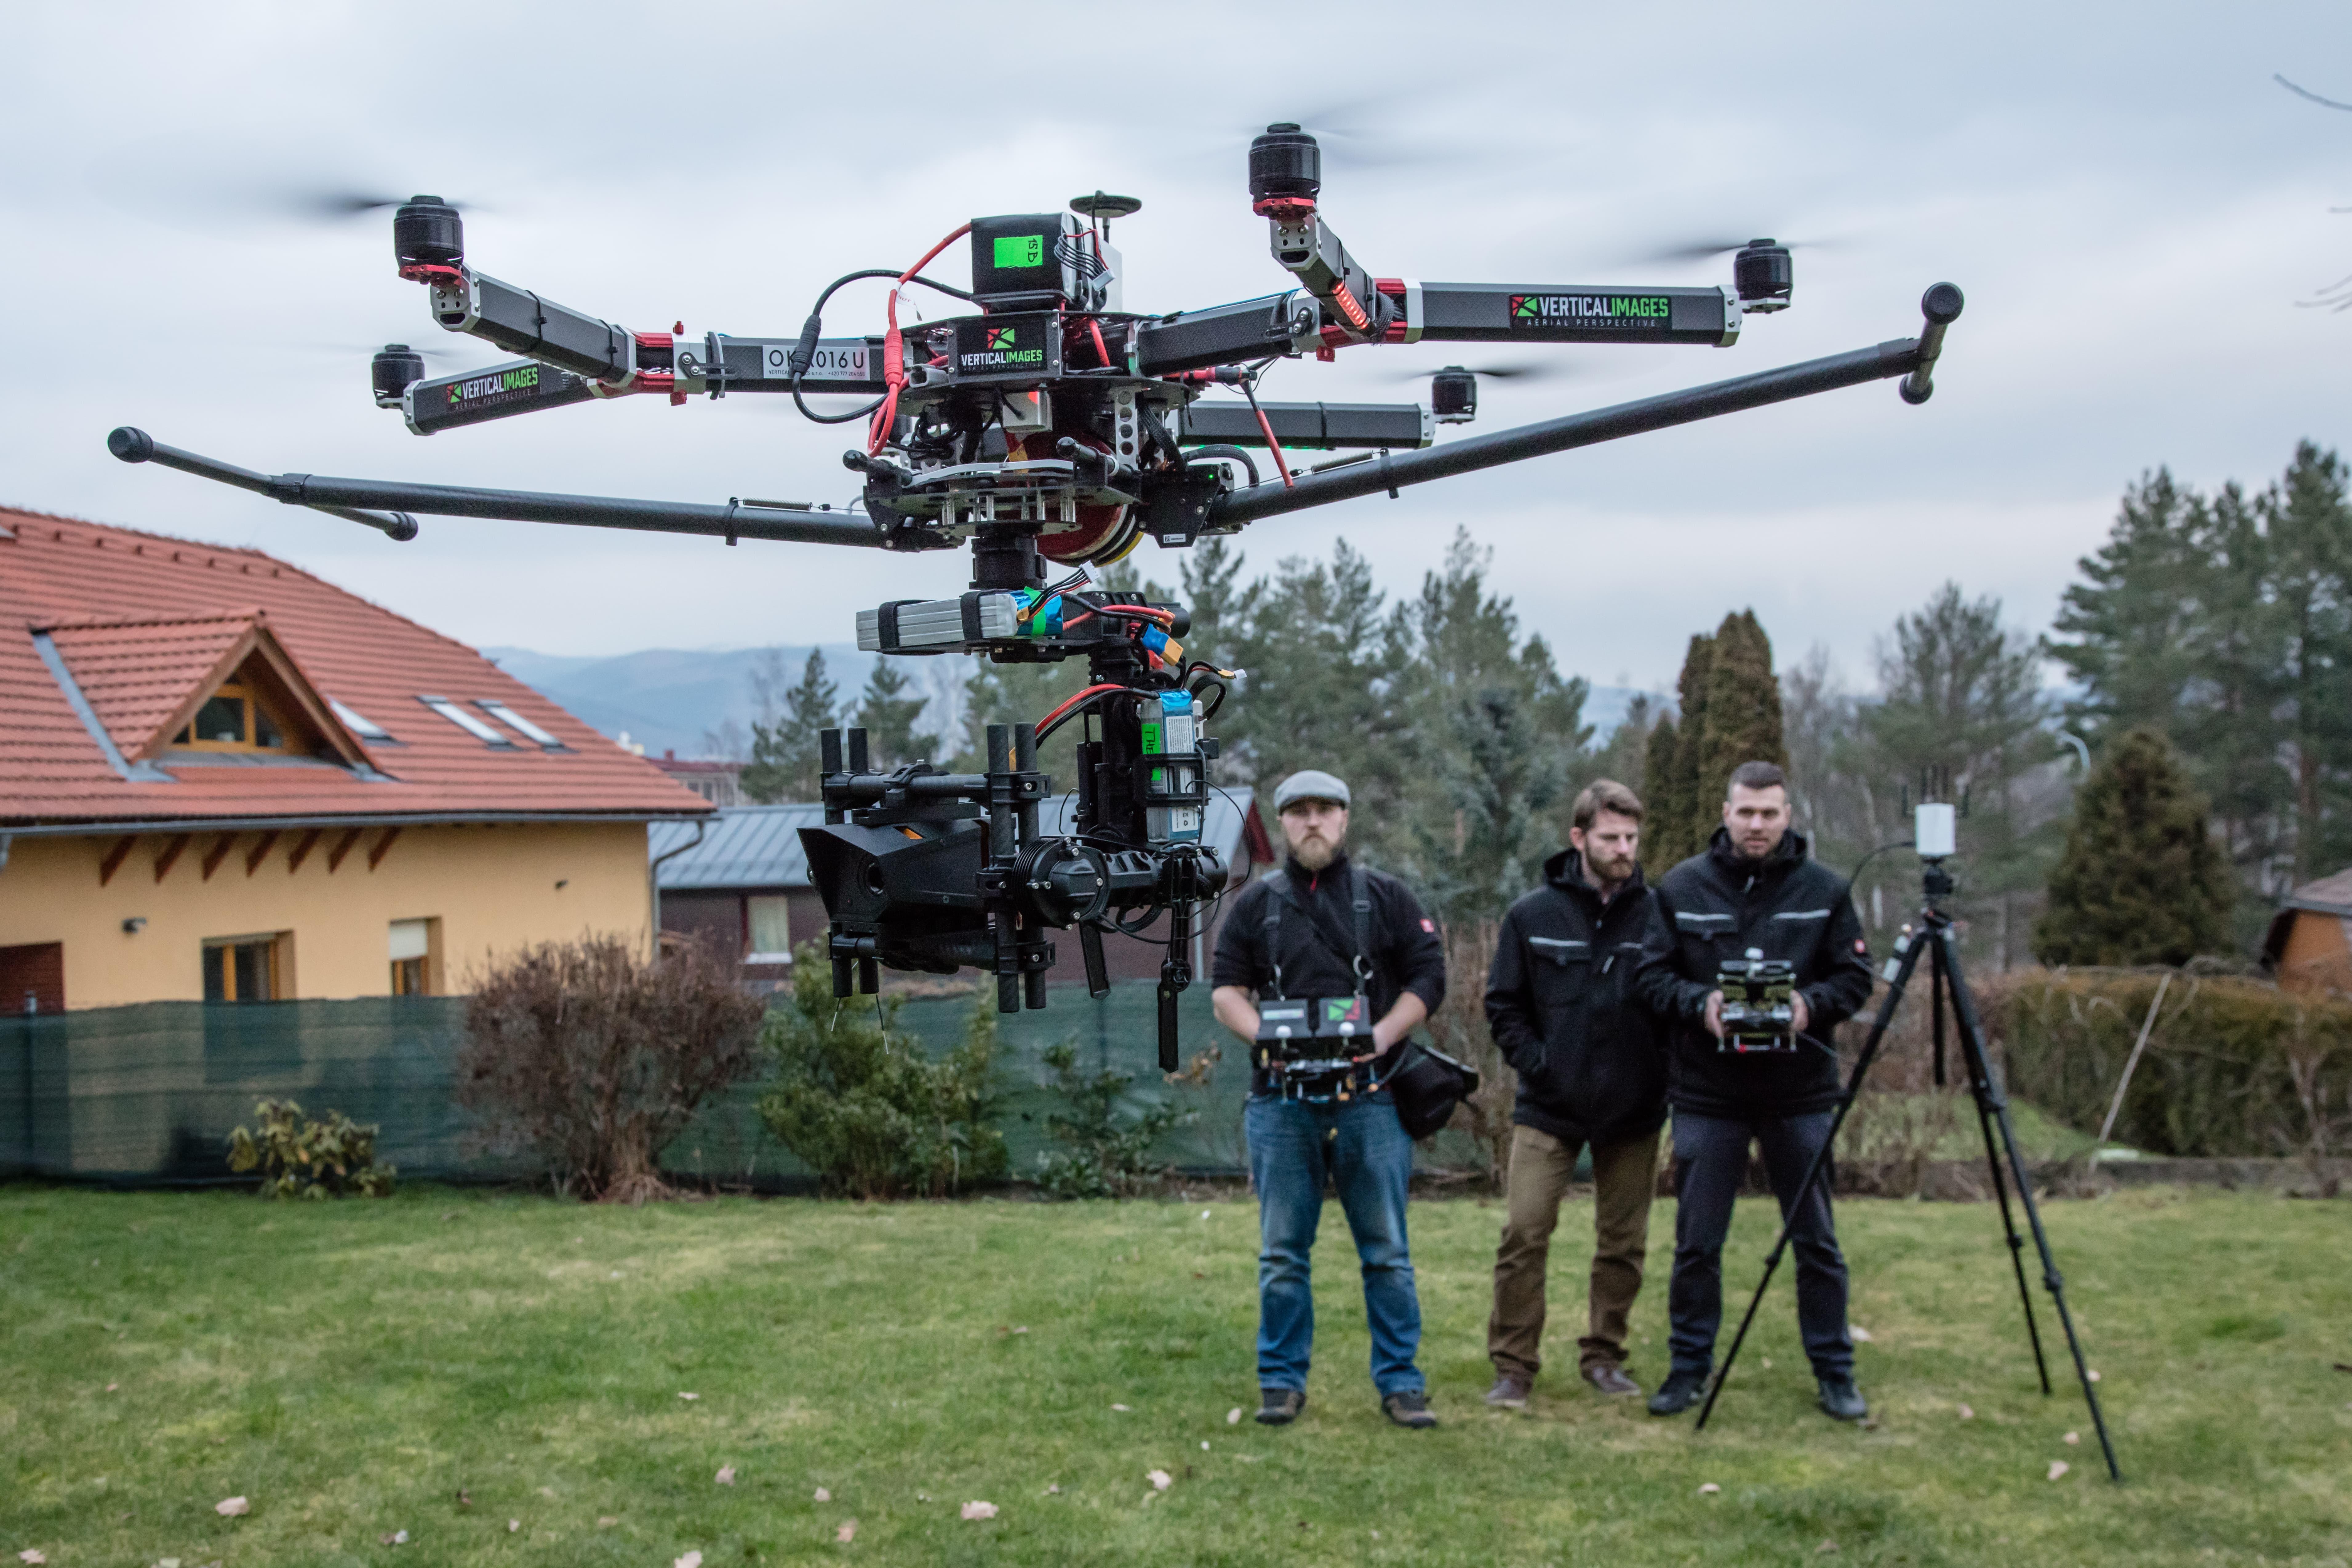 Termovizní systém Workswell WIRIS na dronu společnosti Vertical Images, která využívá termovizní systém Workswell WIRIS a poskytuje tak velmi unikátní balíček služeb pro zákazníky v průmyslu, zemědělství, ekologie apod.